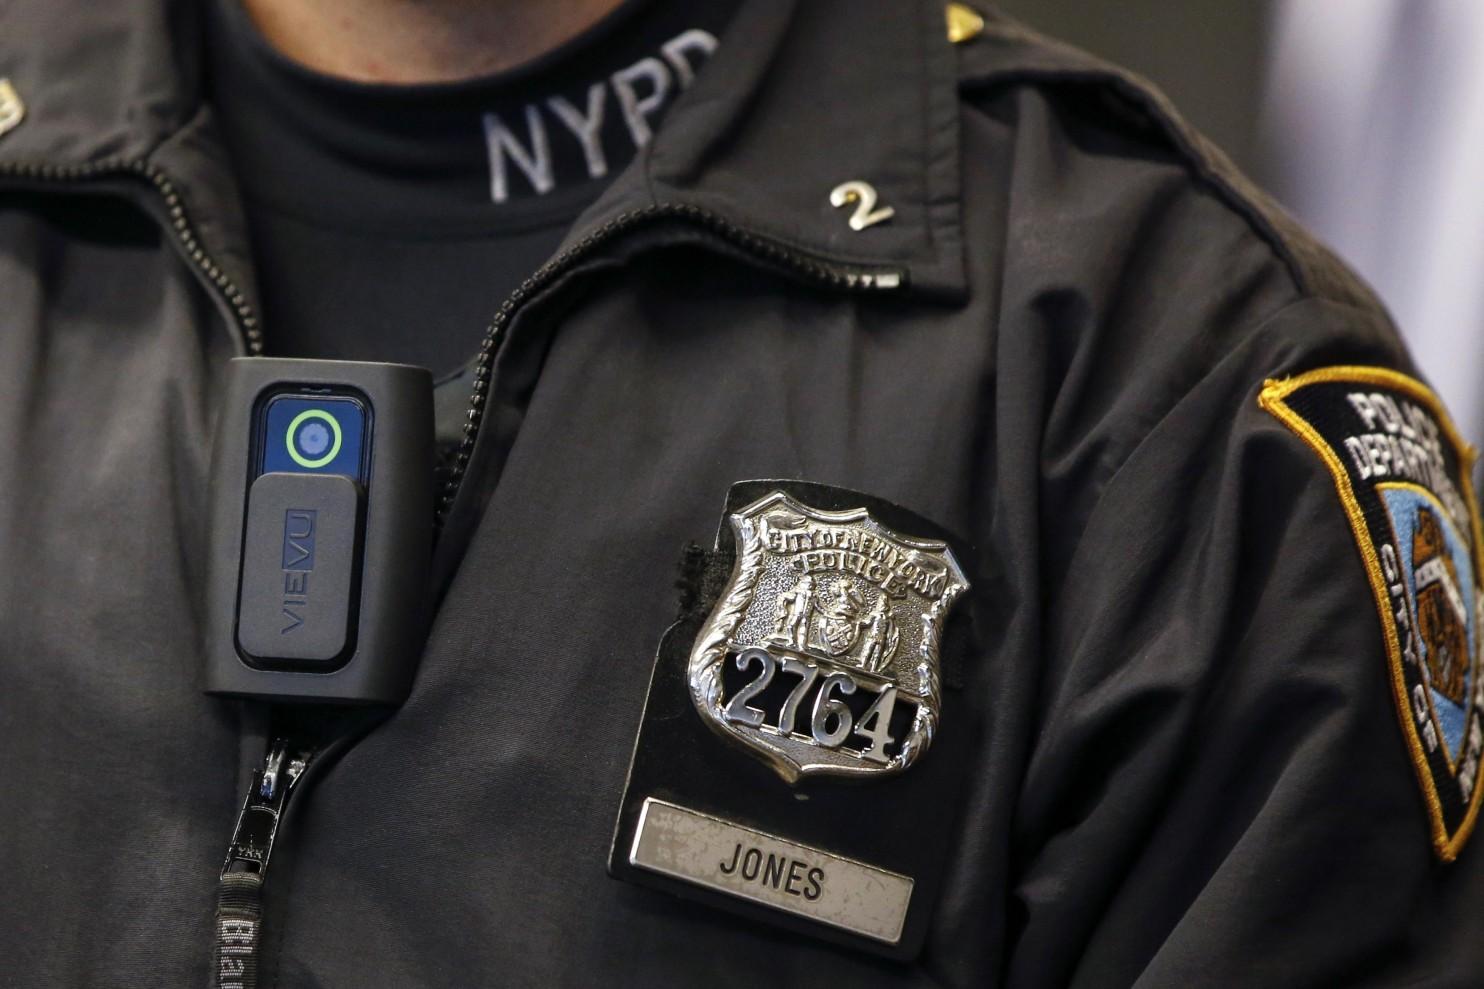 Reacția unui polițist când un copil i-a spus că vrea să fugă de acasă a uimit internetul! Povestea emoționantă